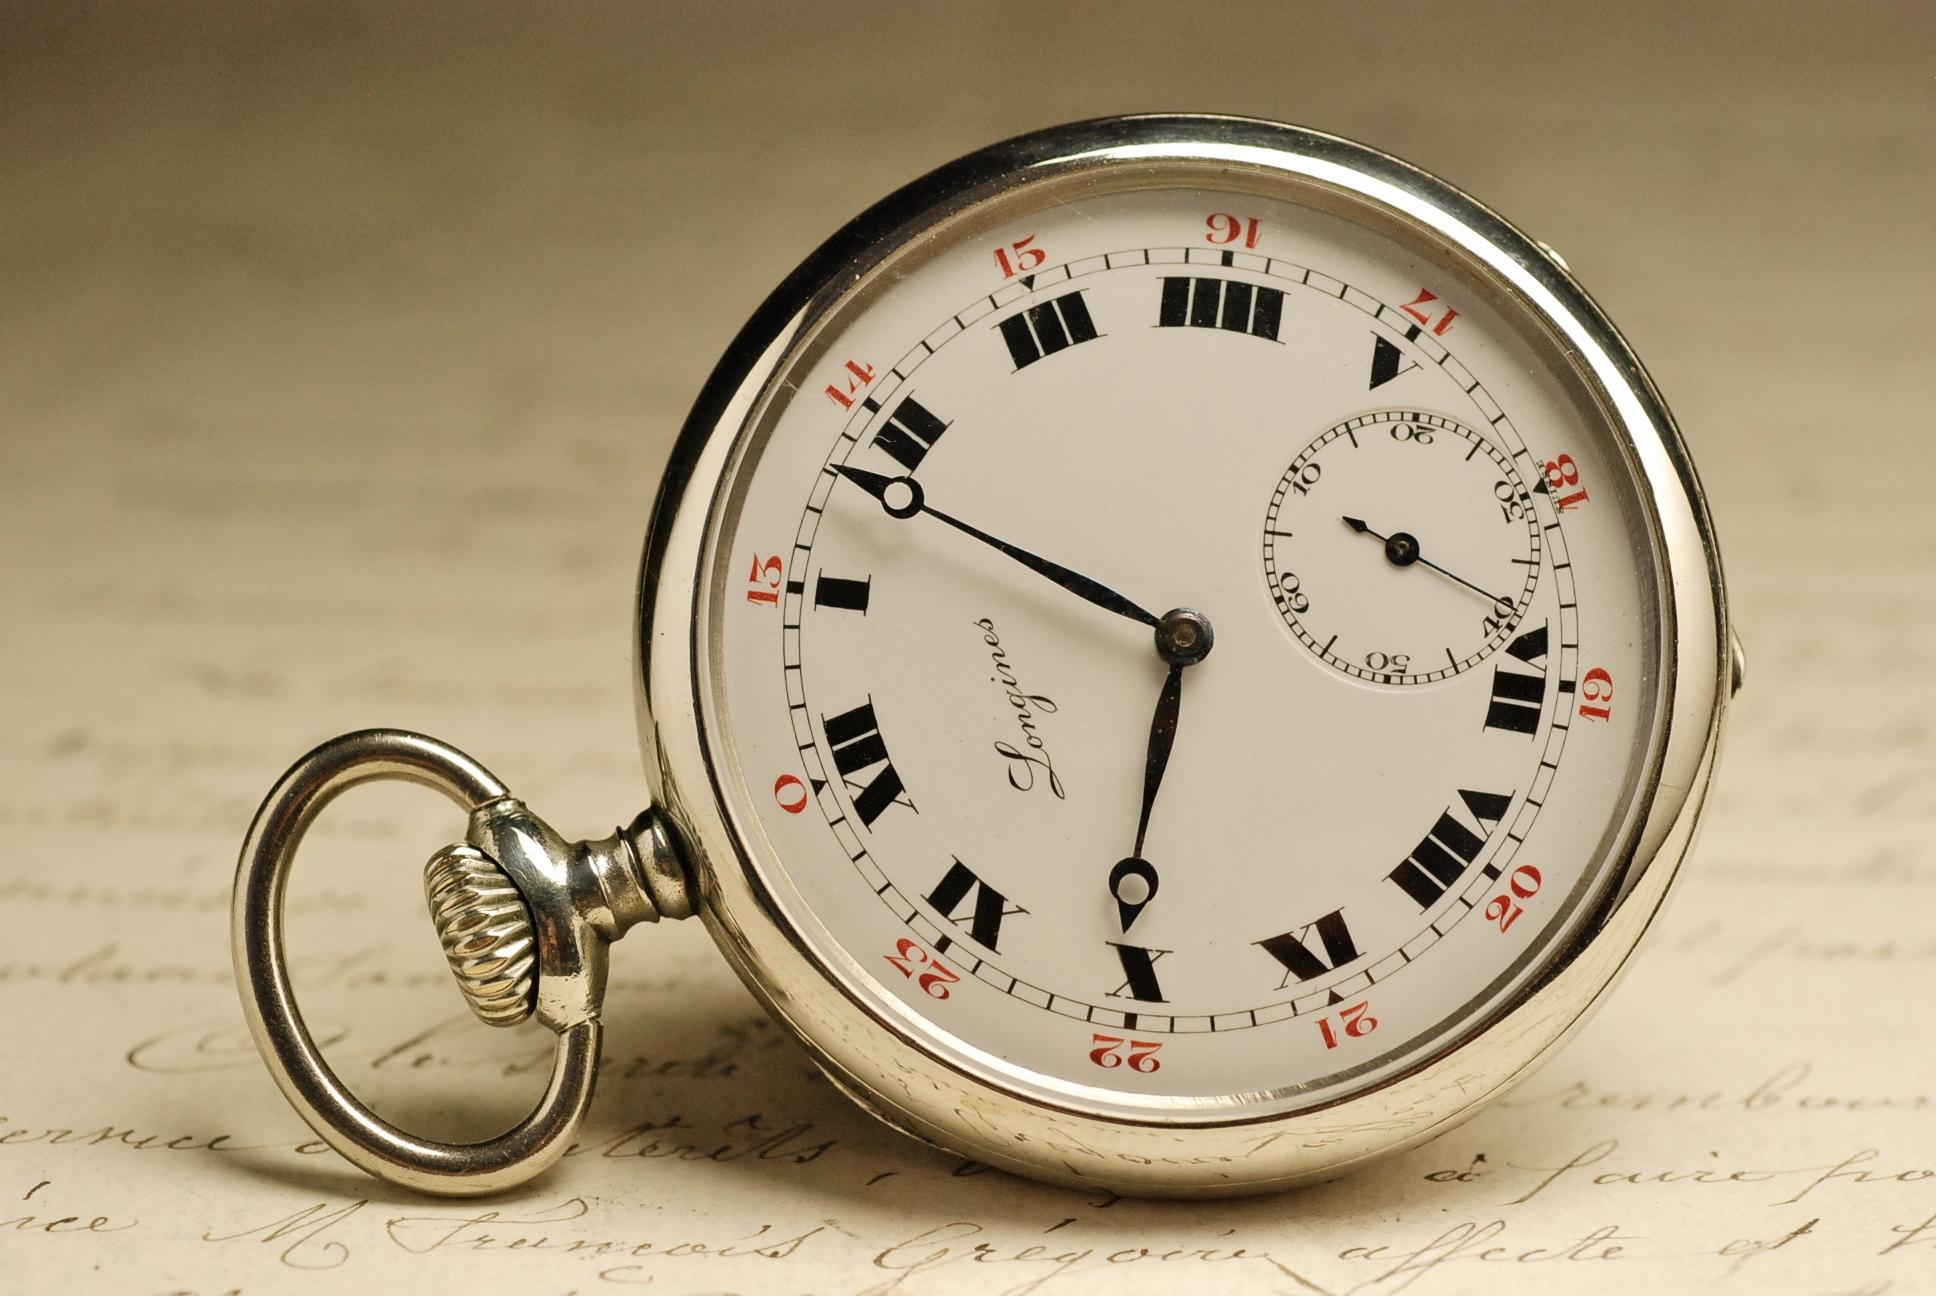 ancienne montre gousset longines 1915 vintage pocket watch. Black Bedroom Furniture Sets. Home Design Ideas